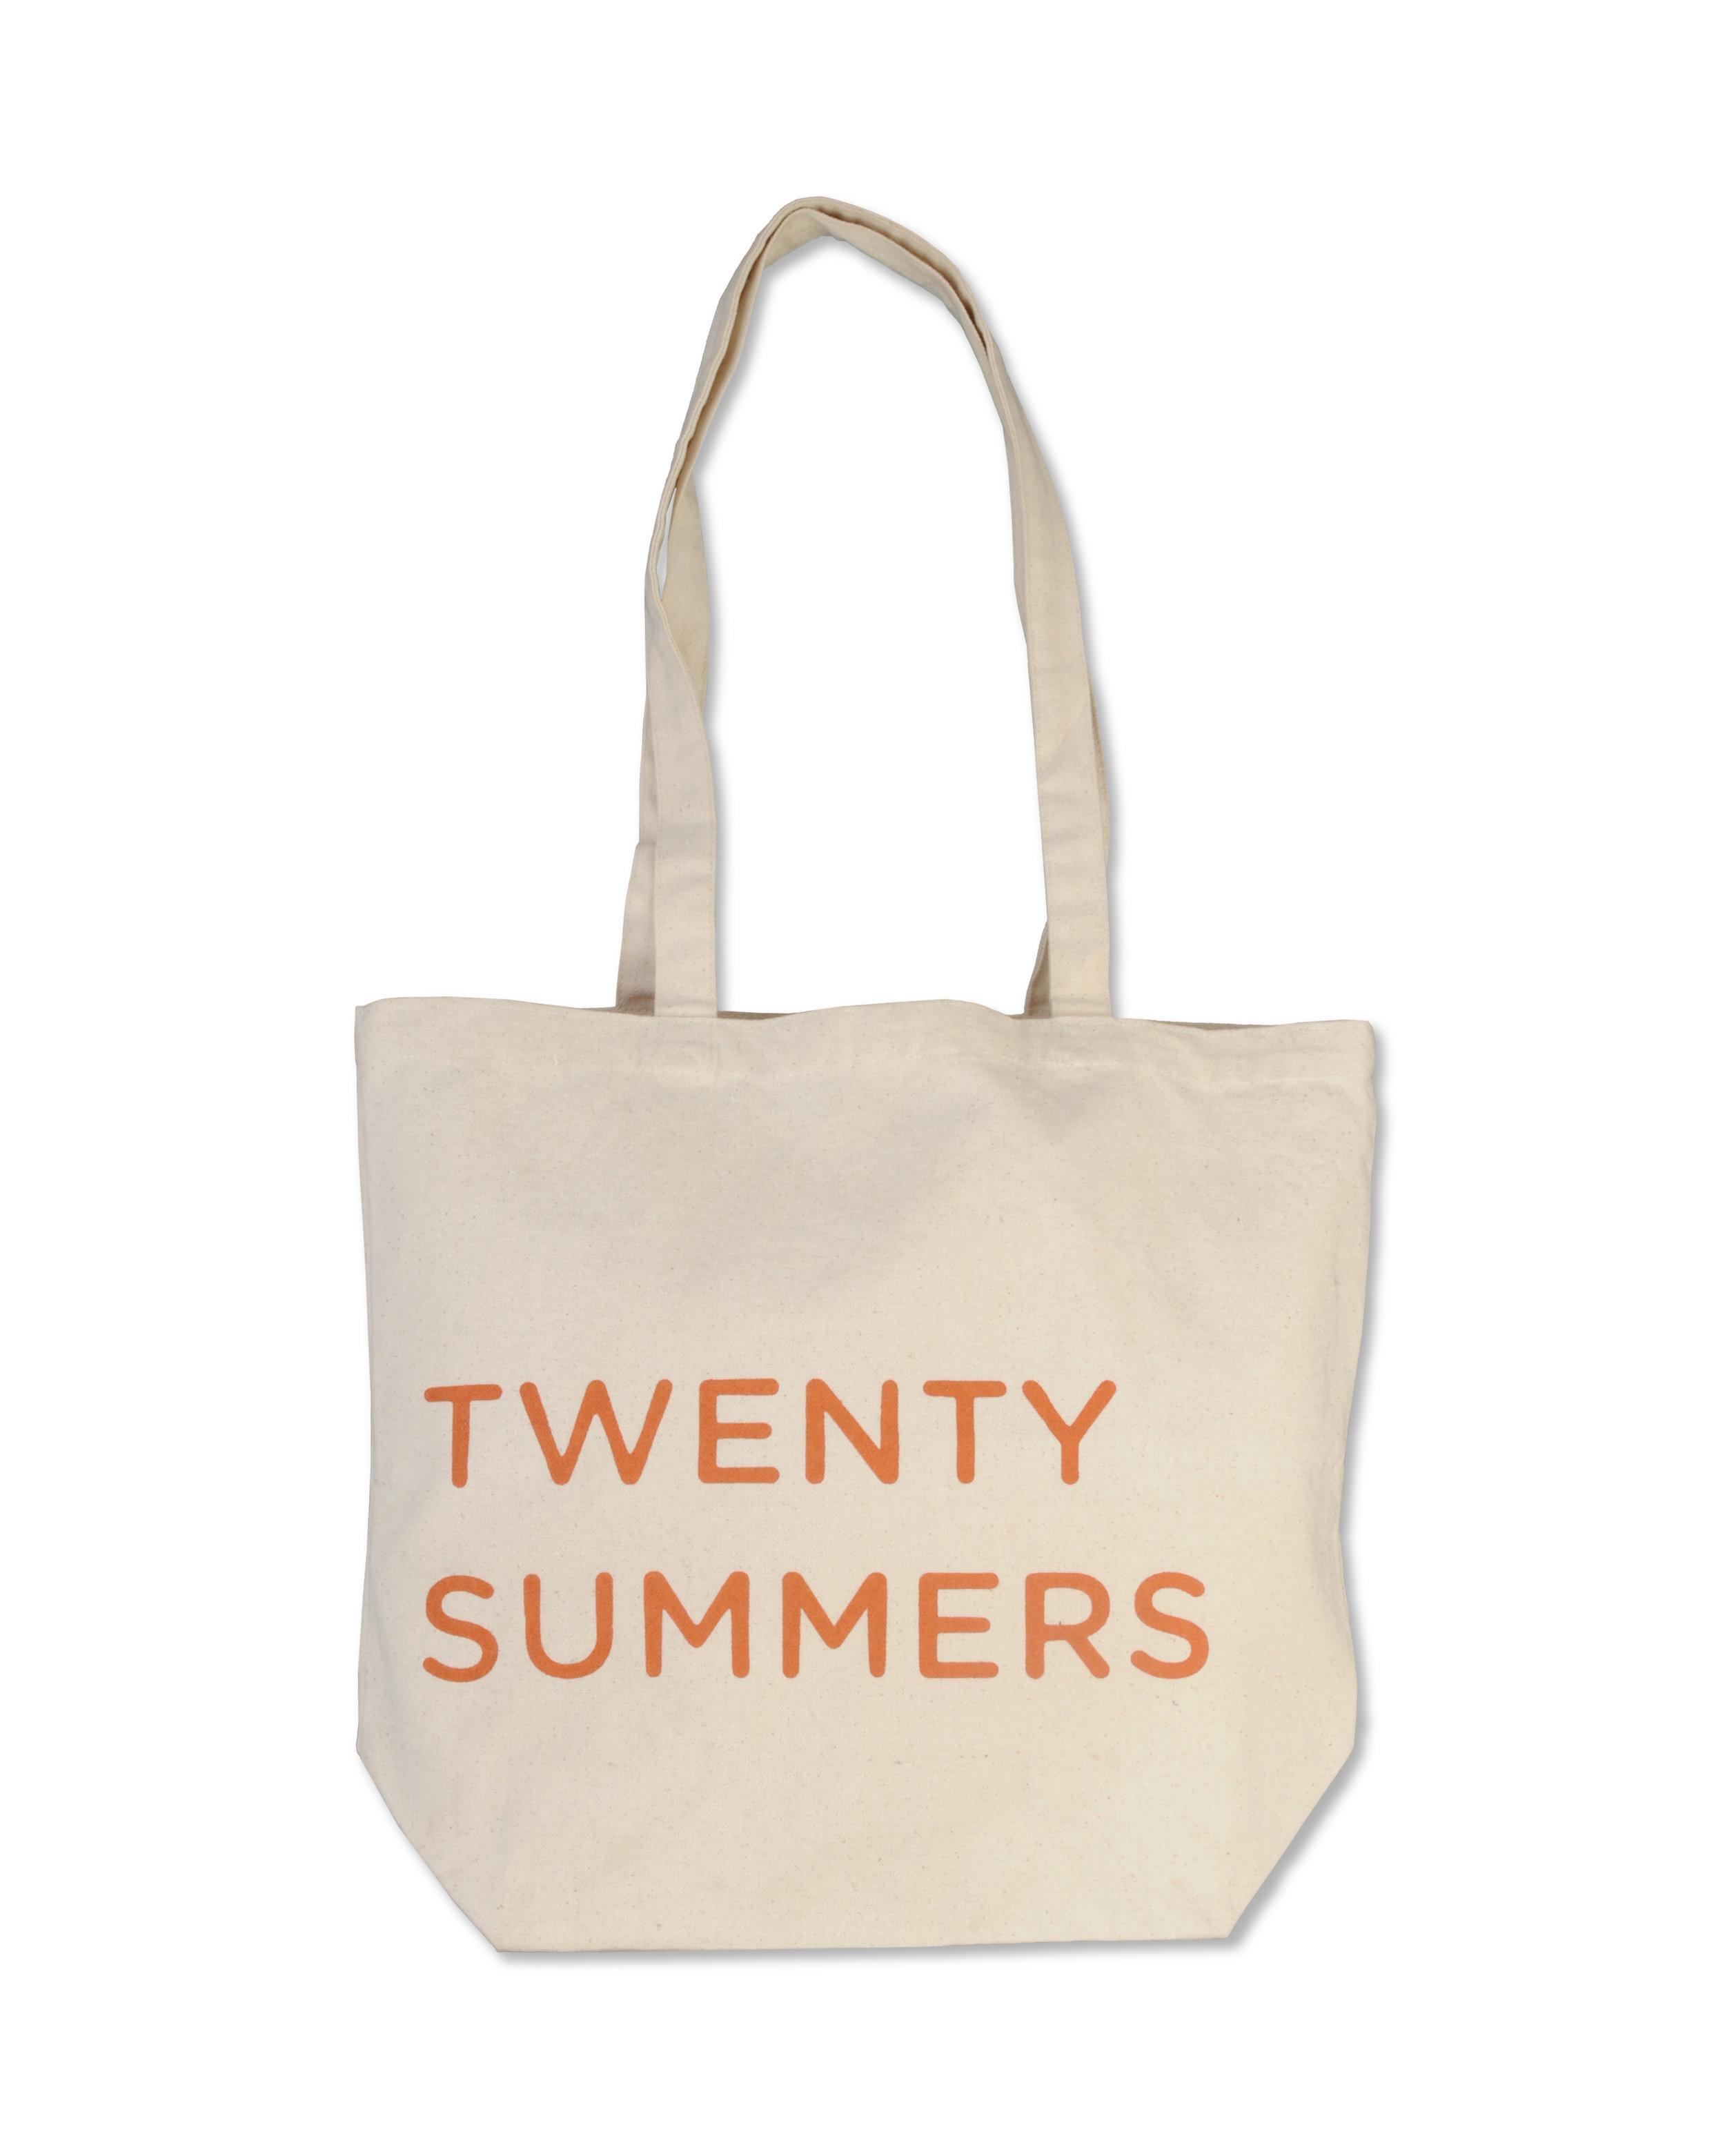 Tote Bag $20